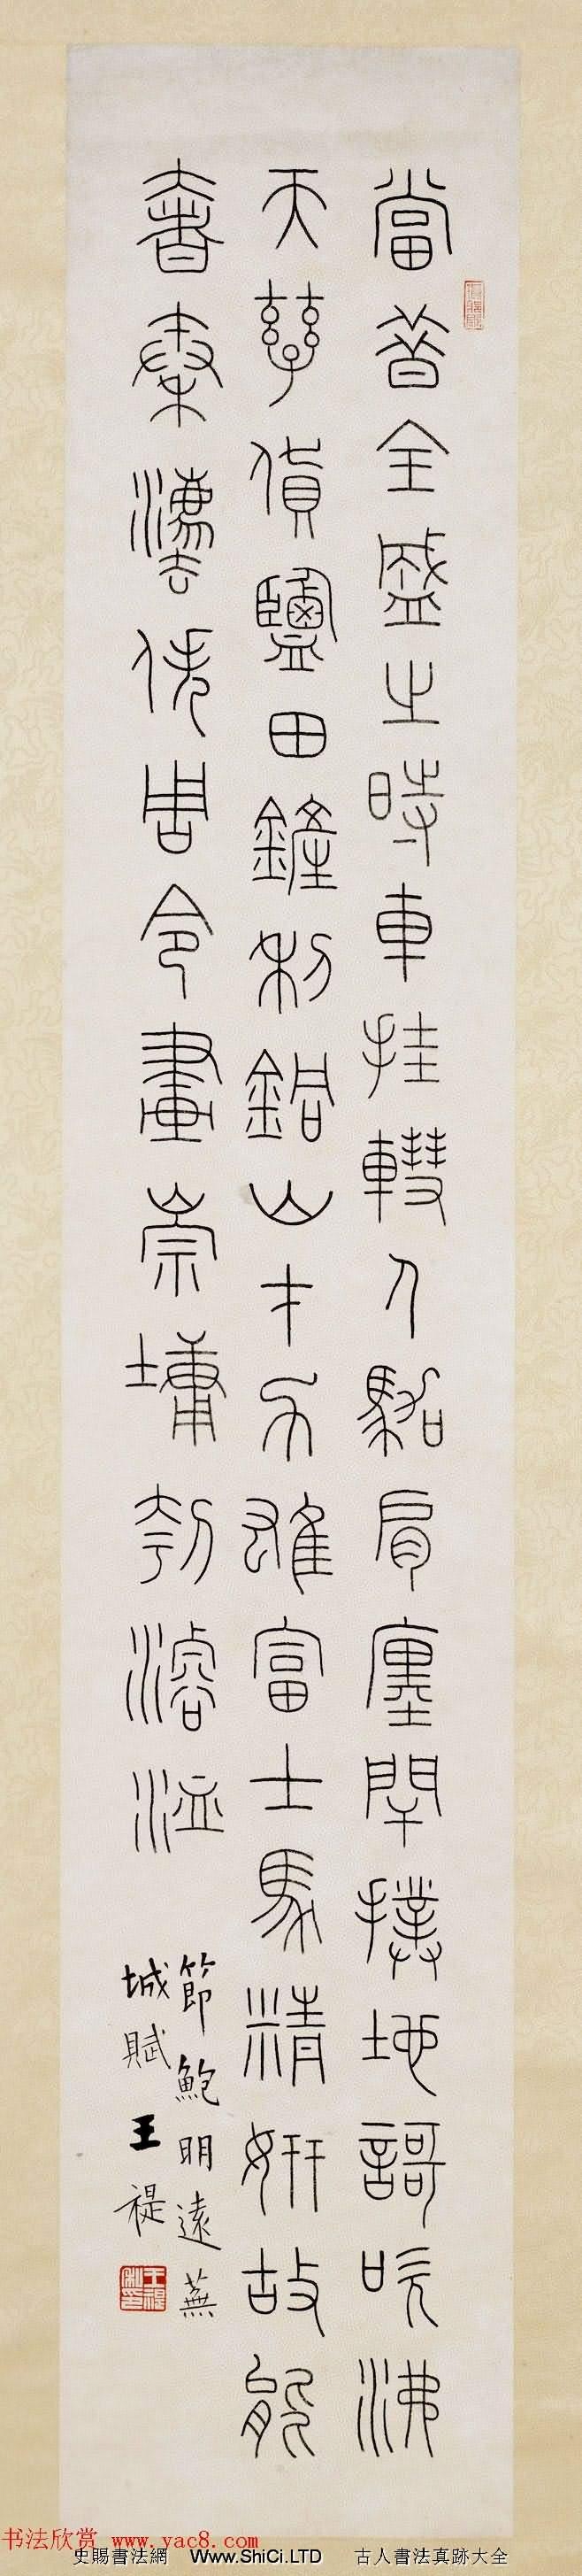 近代王福庵篆書四屏真跡欣賞(共4張圖片)